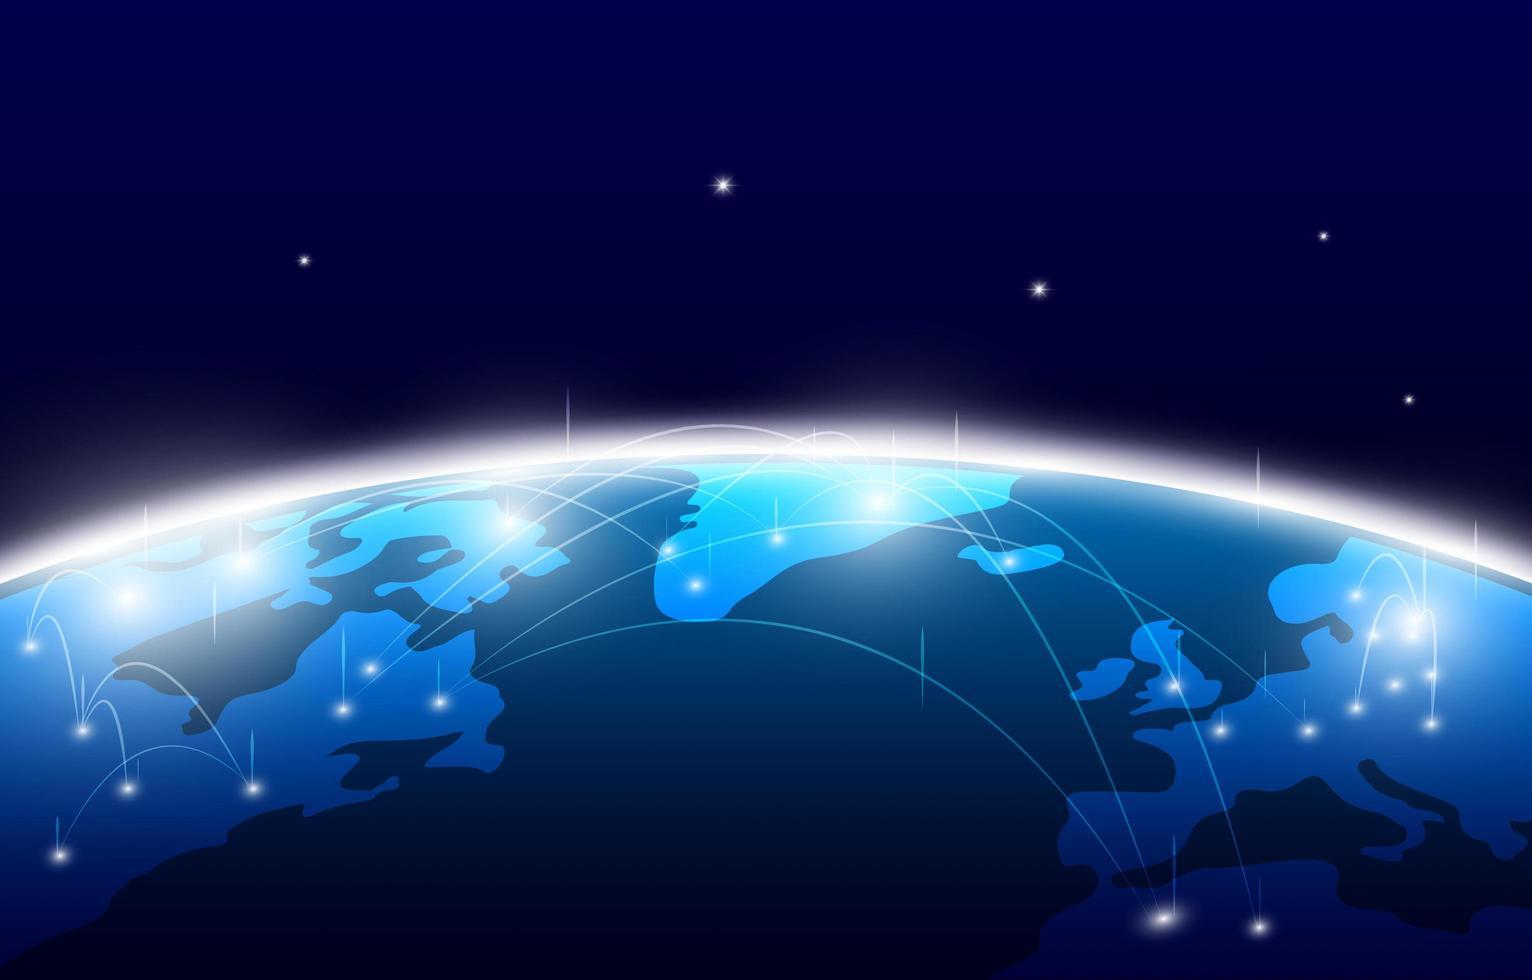 wereldkaart digitale technologie en verbinding concept vector